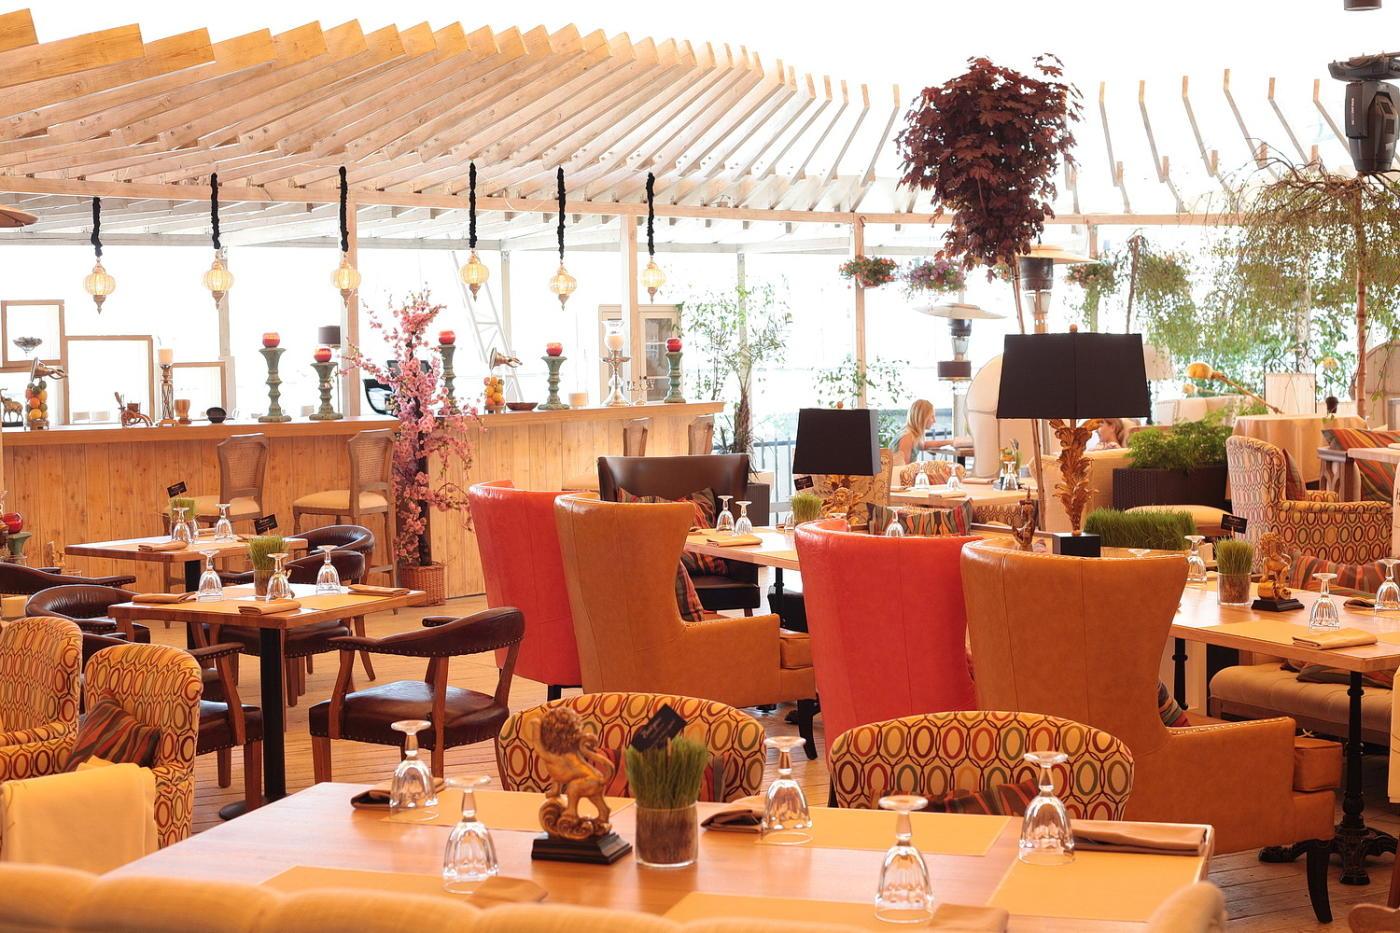 Ресторан Shakti Terrace (Шакти Терраса) фото 43